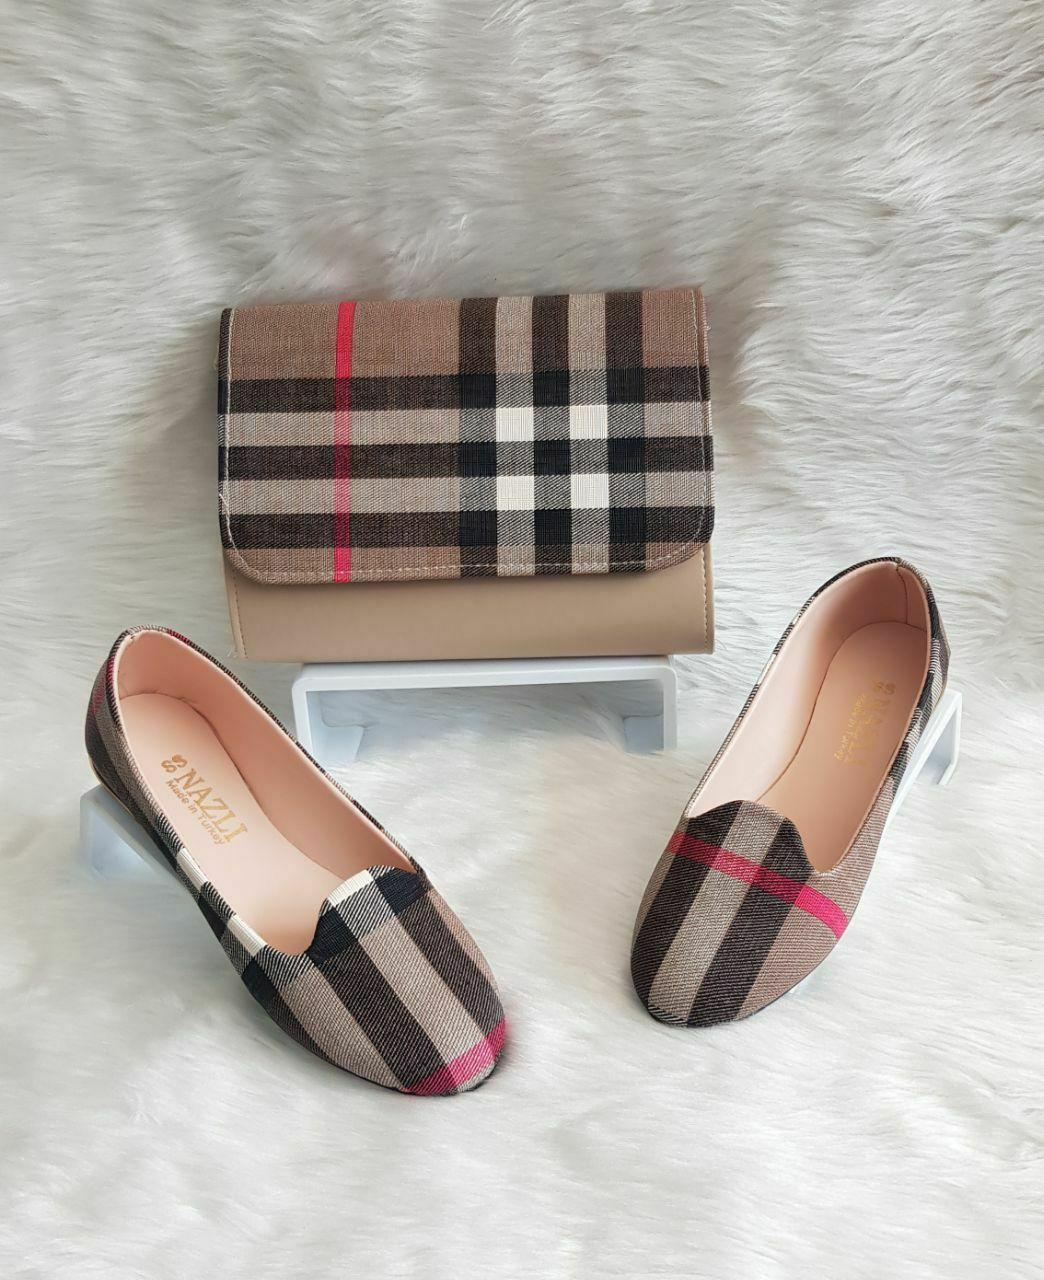 Художественные туфли Женские кроссовки сумка комбинация C0306